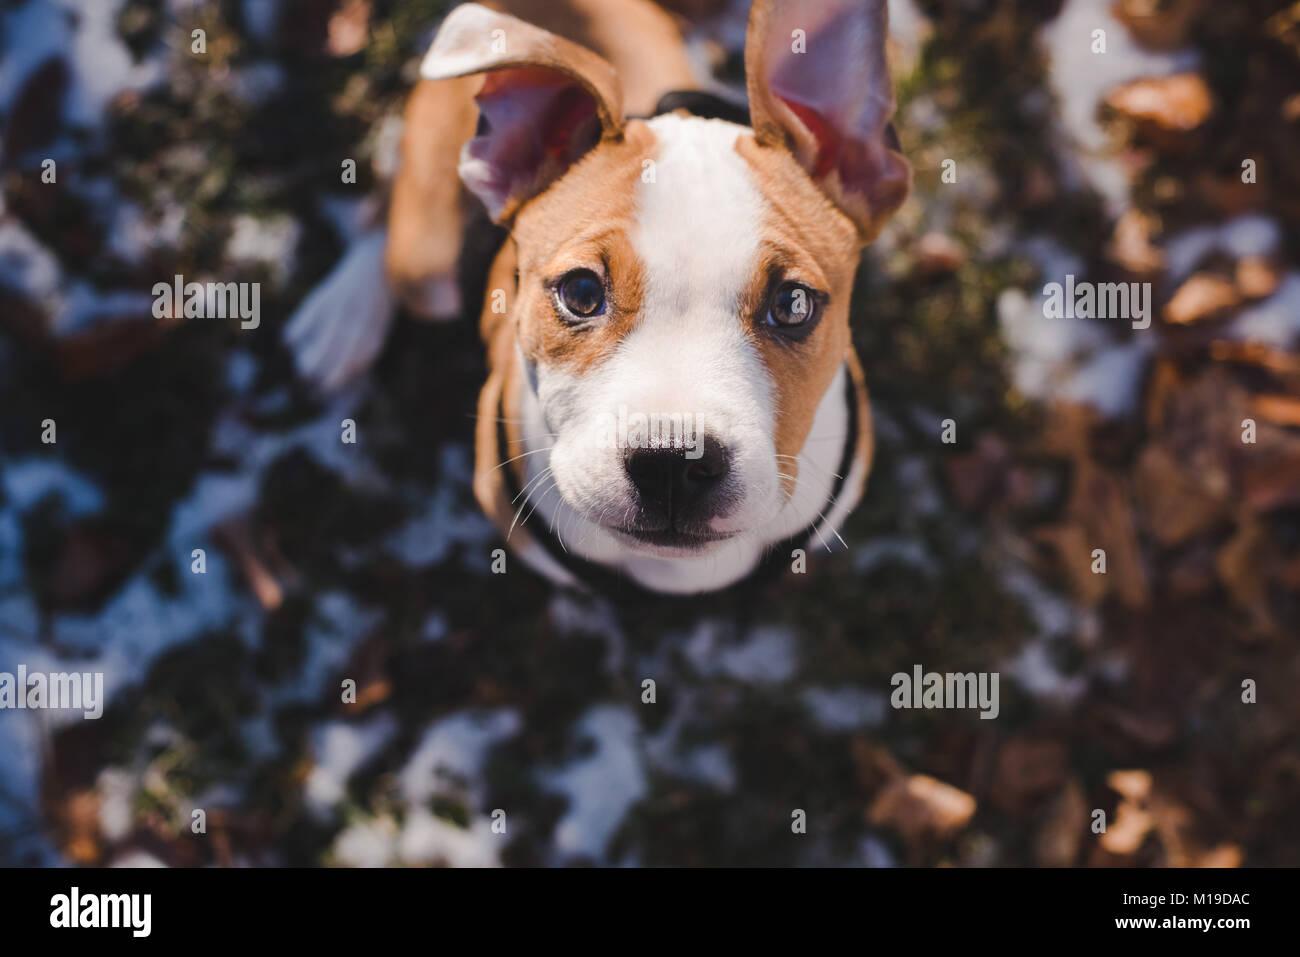 A 11 settimane di età mix beagle cucciolo guarda verso la fotocamera in una giornata di sole Immagini Stock